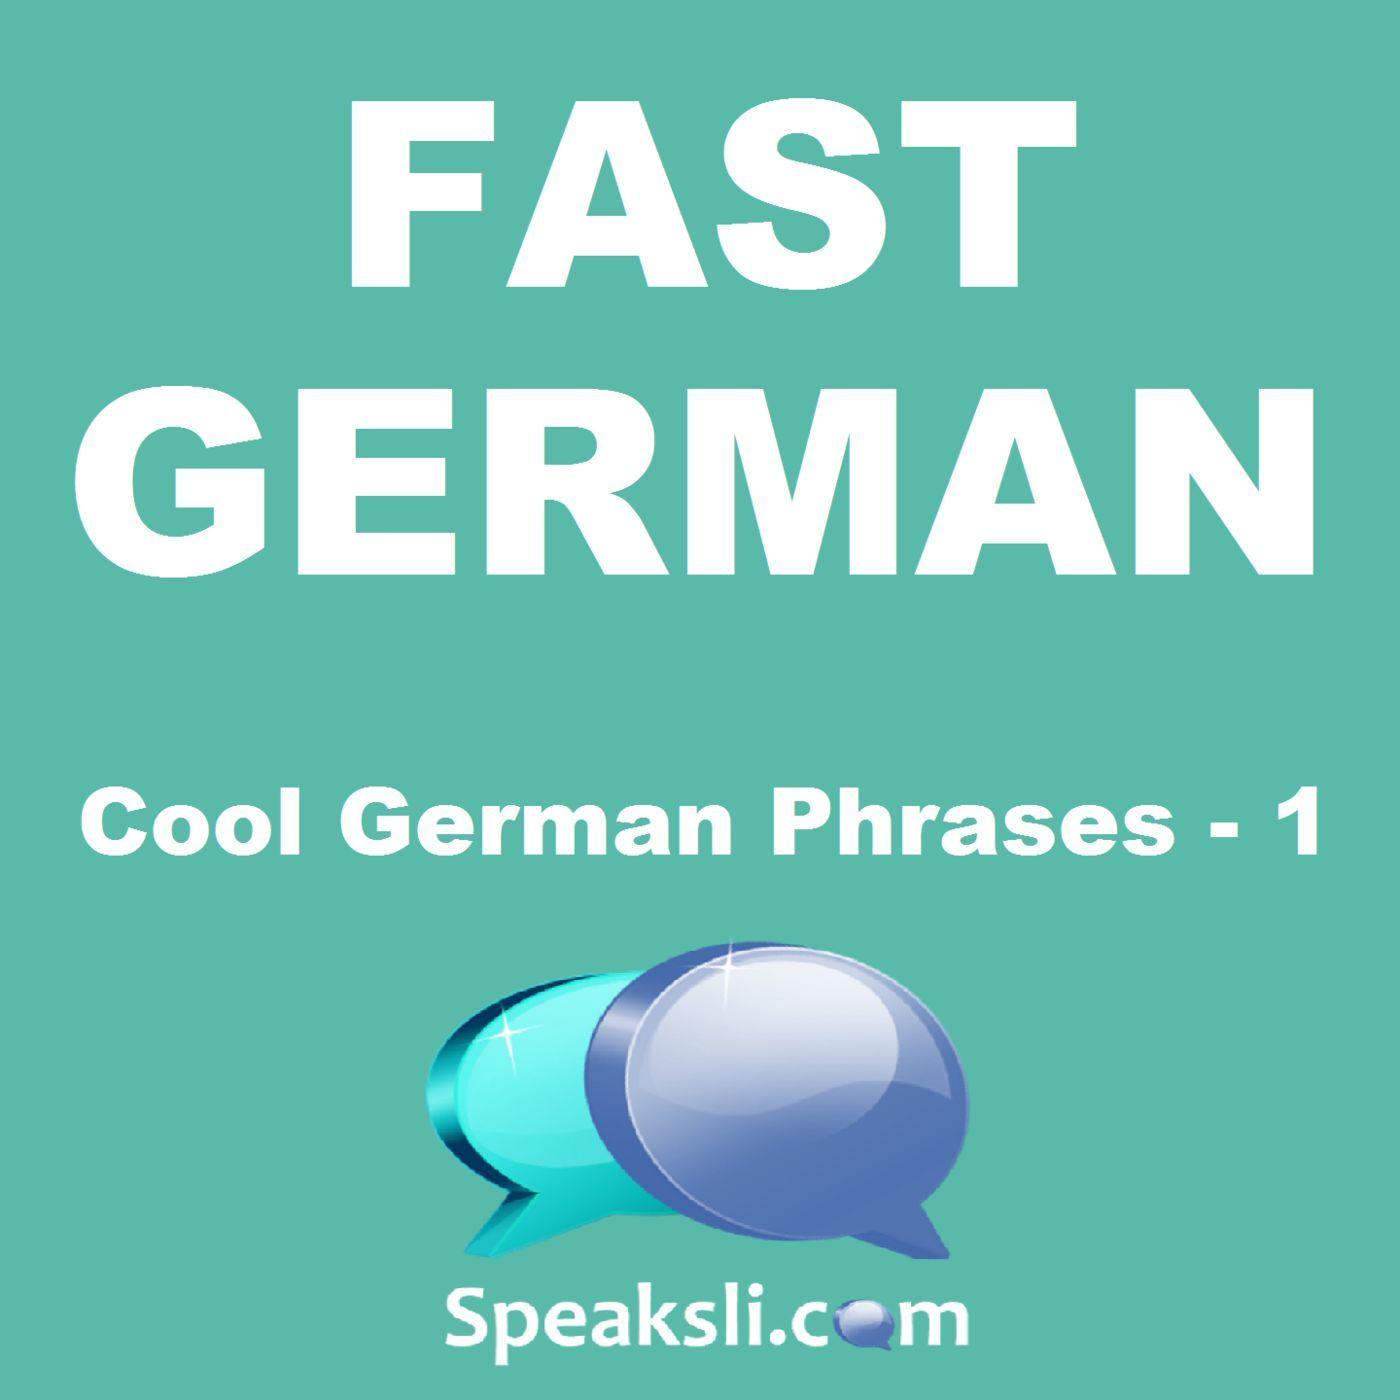 Ep. 32: Cool German Phrases - 1 | Fast German | Speaksli